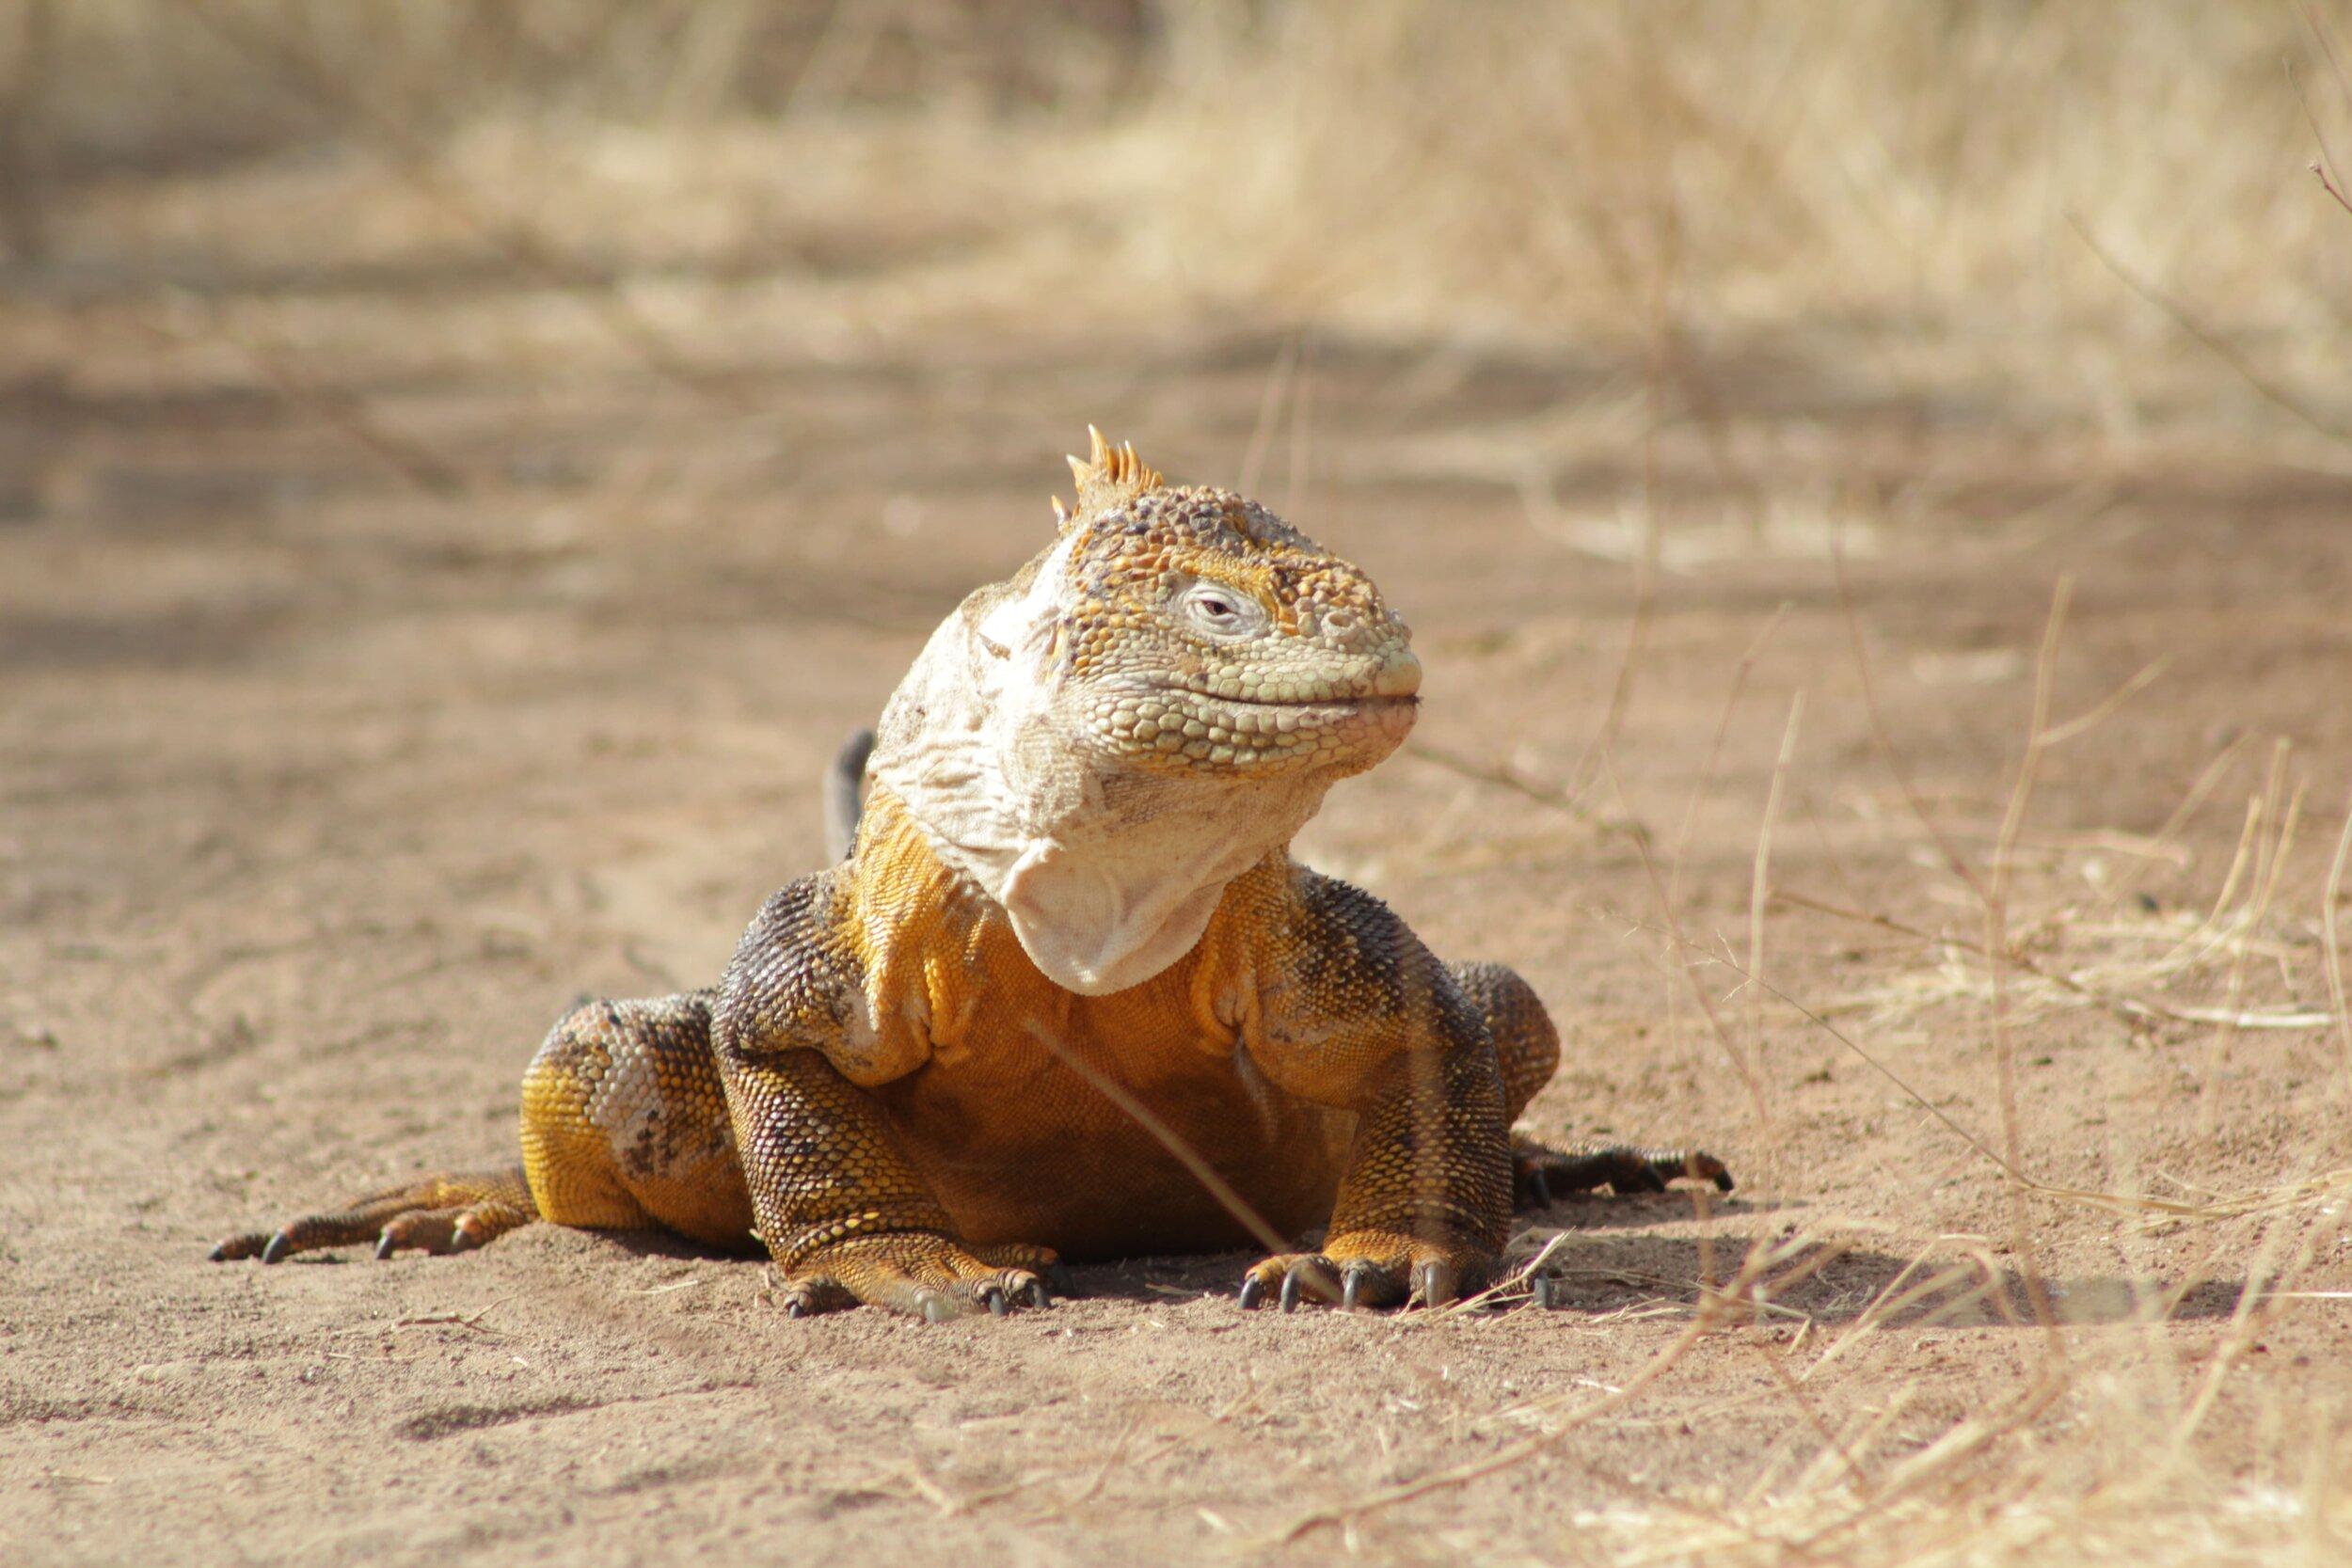 Theory Cruise Land Iguana